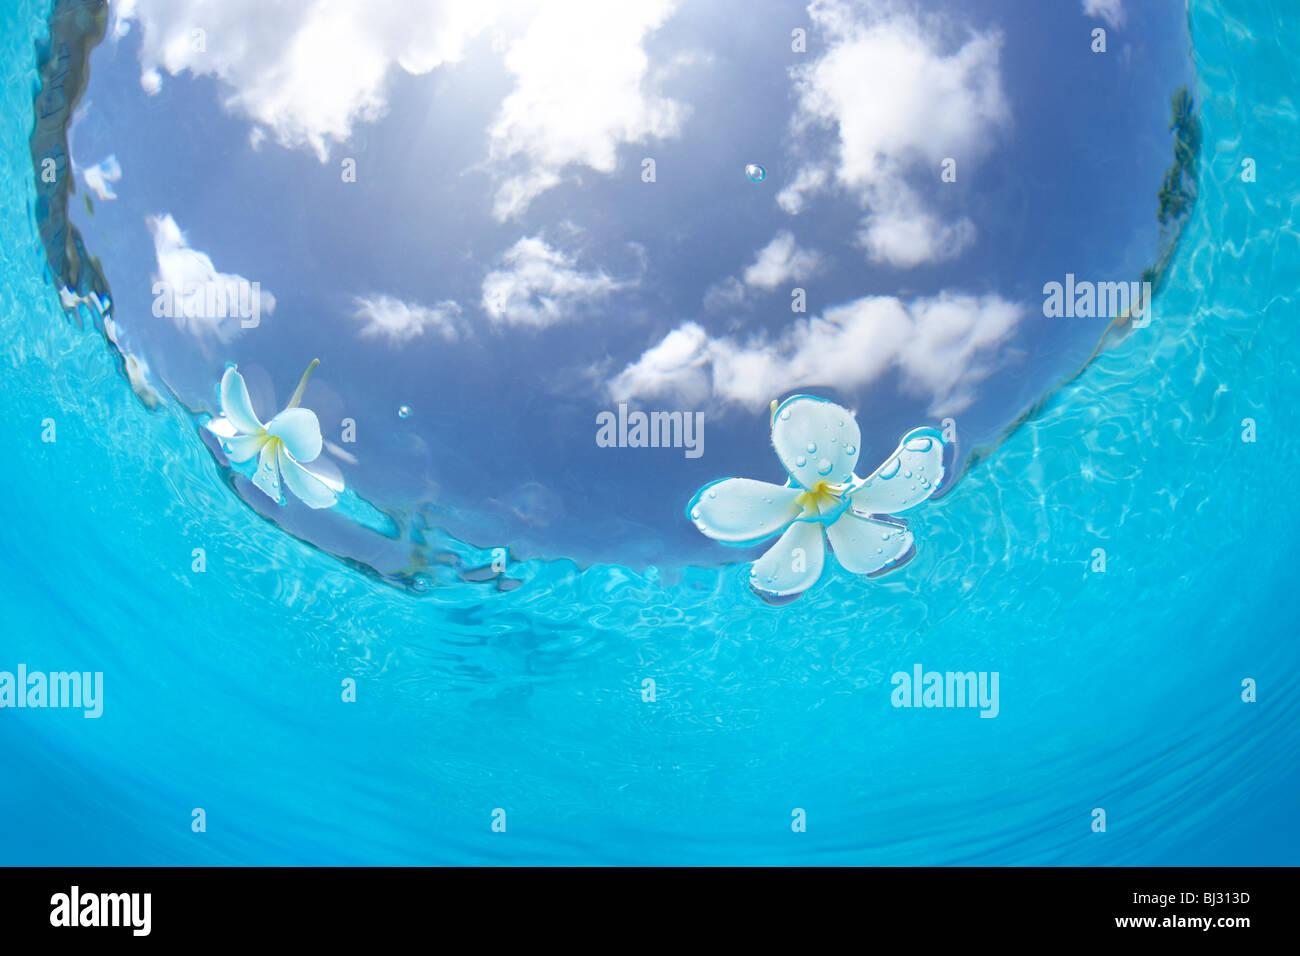 Plumerias schwimmt auf dem Wasser Stockbild